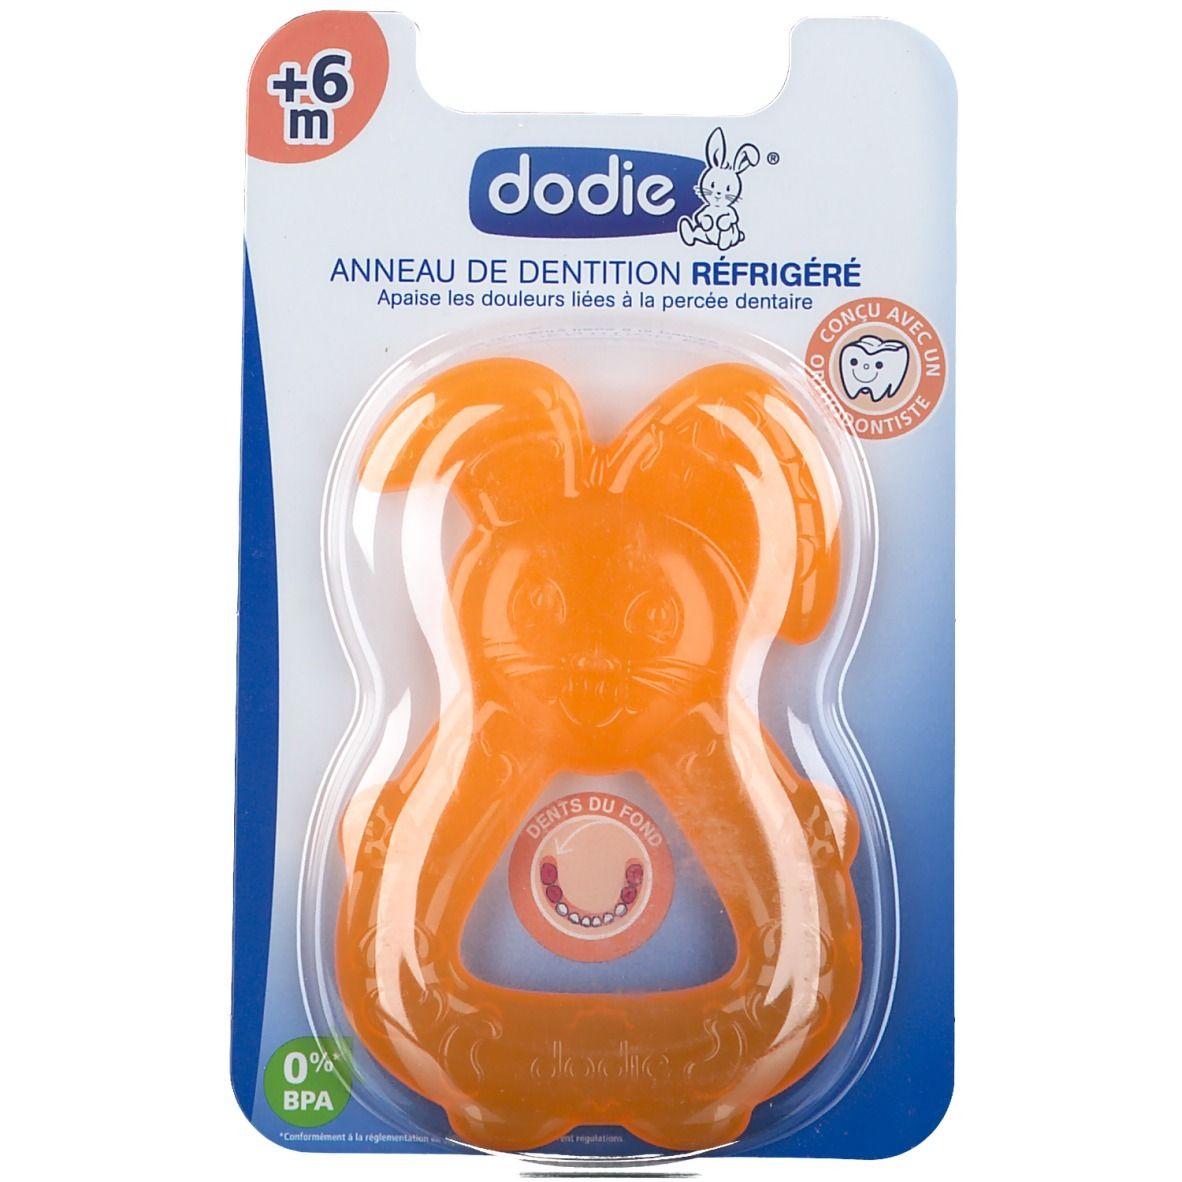 dodie® Anneau de dentition réfrigéré Orange +6 Mois